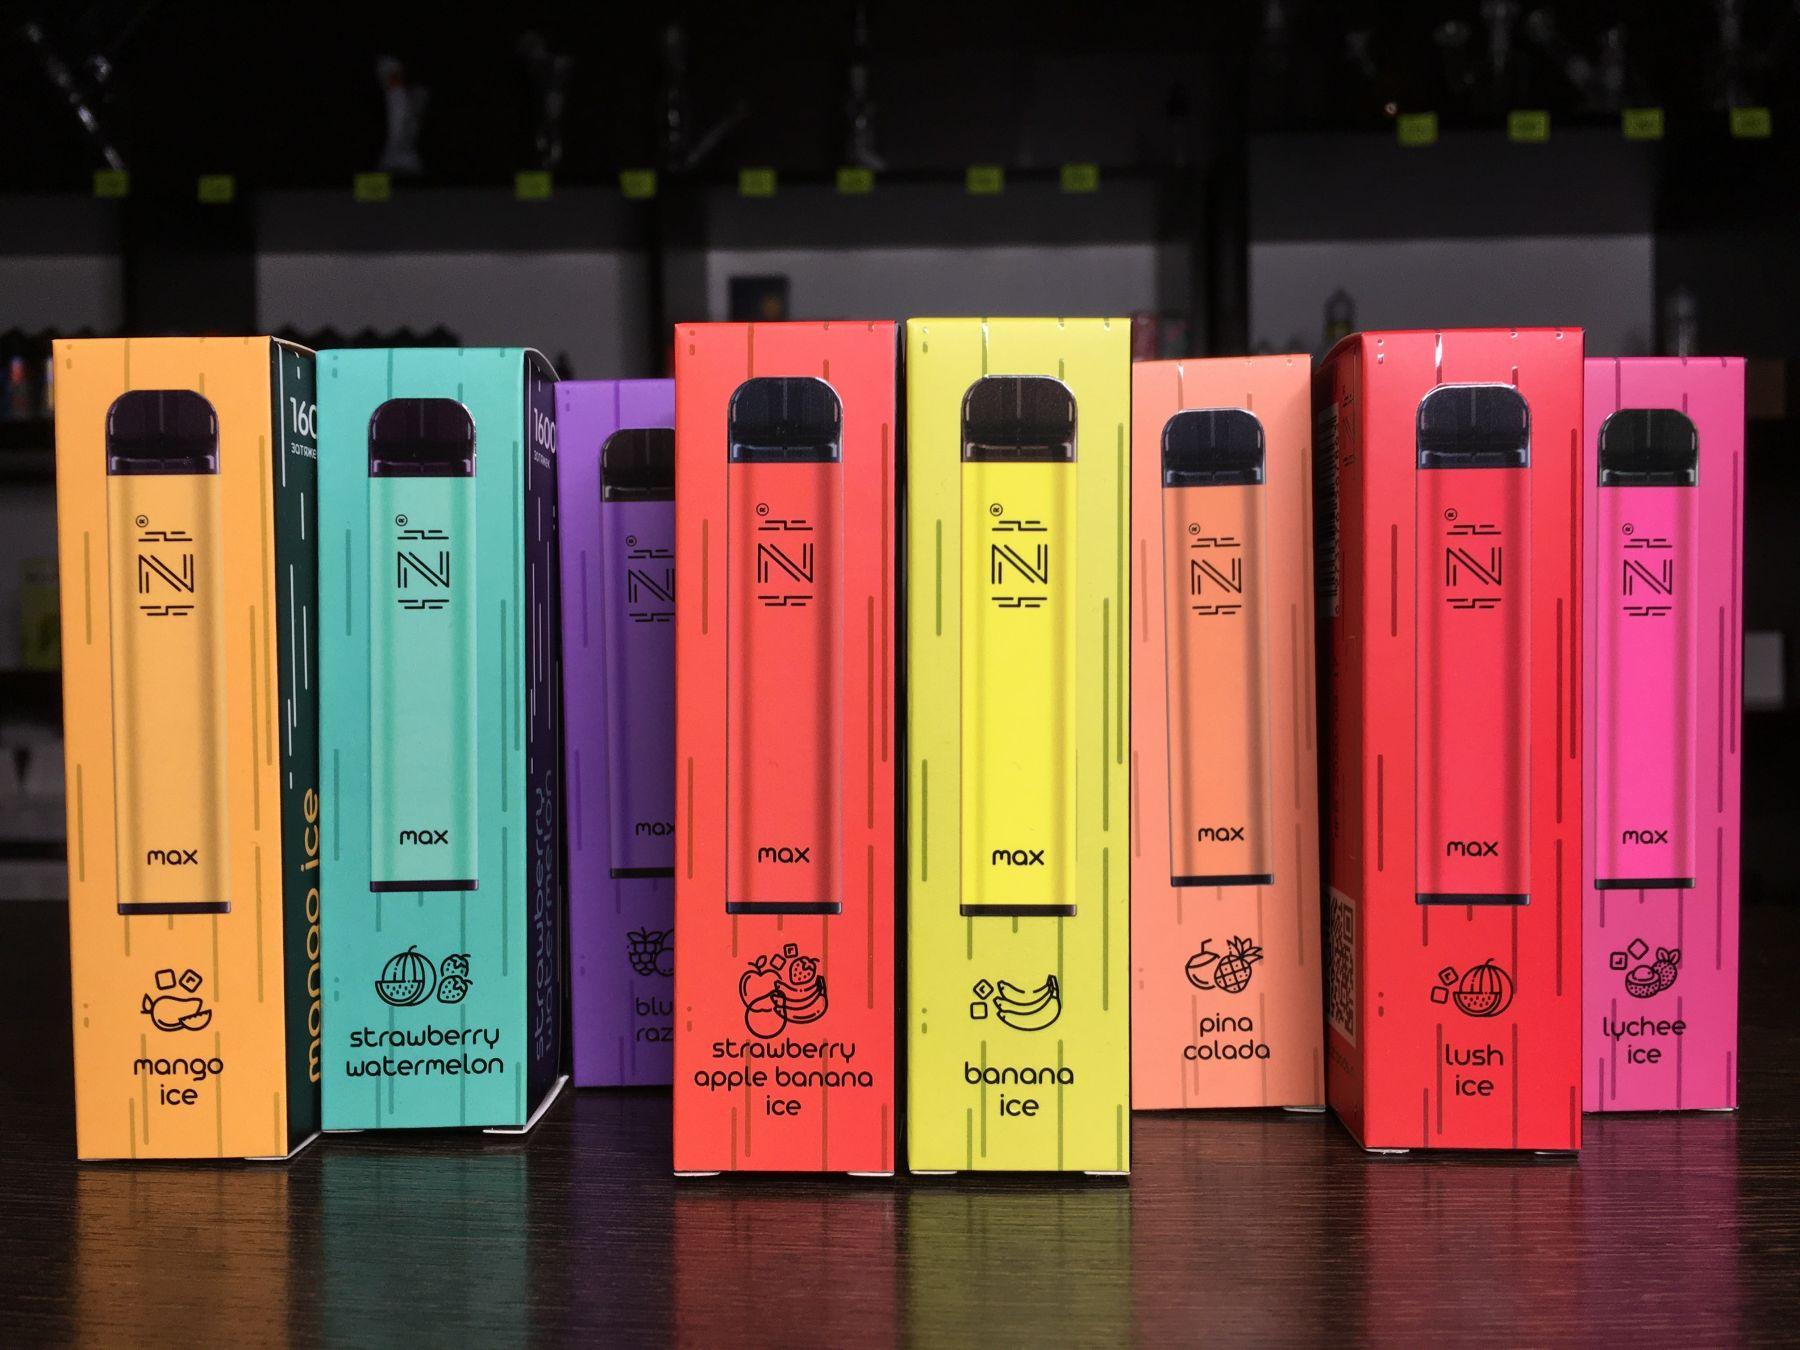 Электронная одноразовая сигарета hqd max электронные сигареты купить рядом со мной казнь